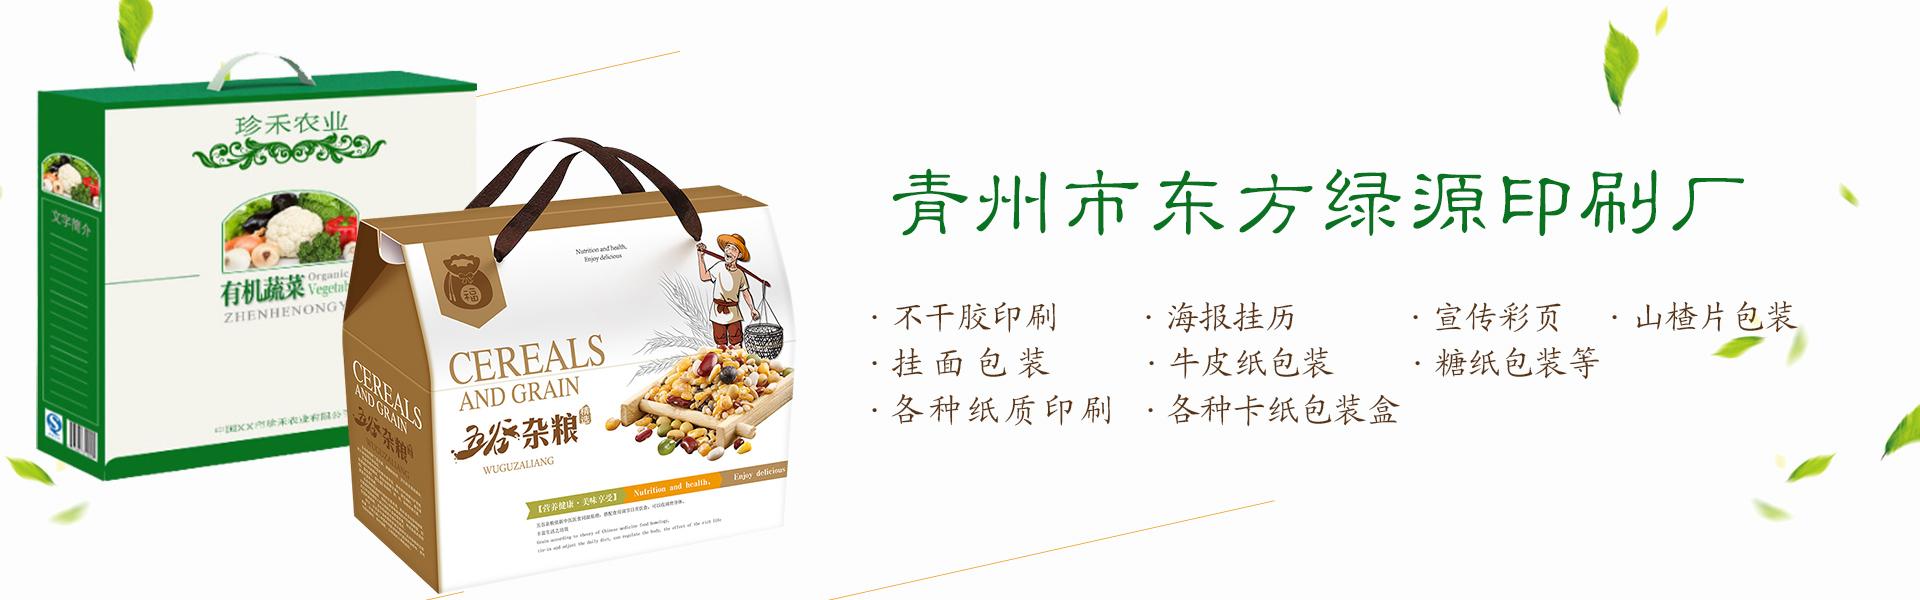 青州海报印刷|挂历印刷|彩页印刷|不干胶印刷|卡纸包装盒-青州市东方绿源印刷厂